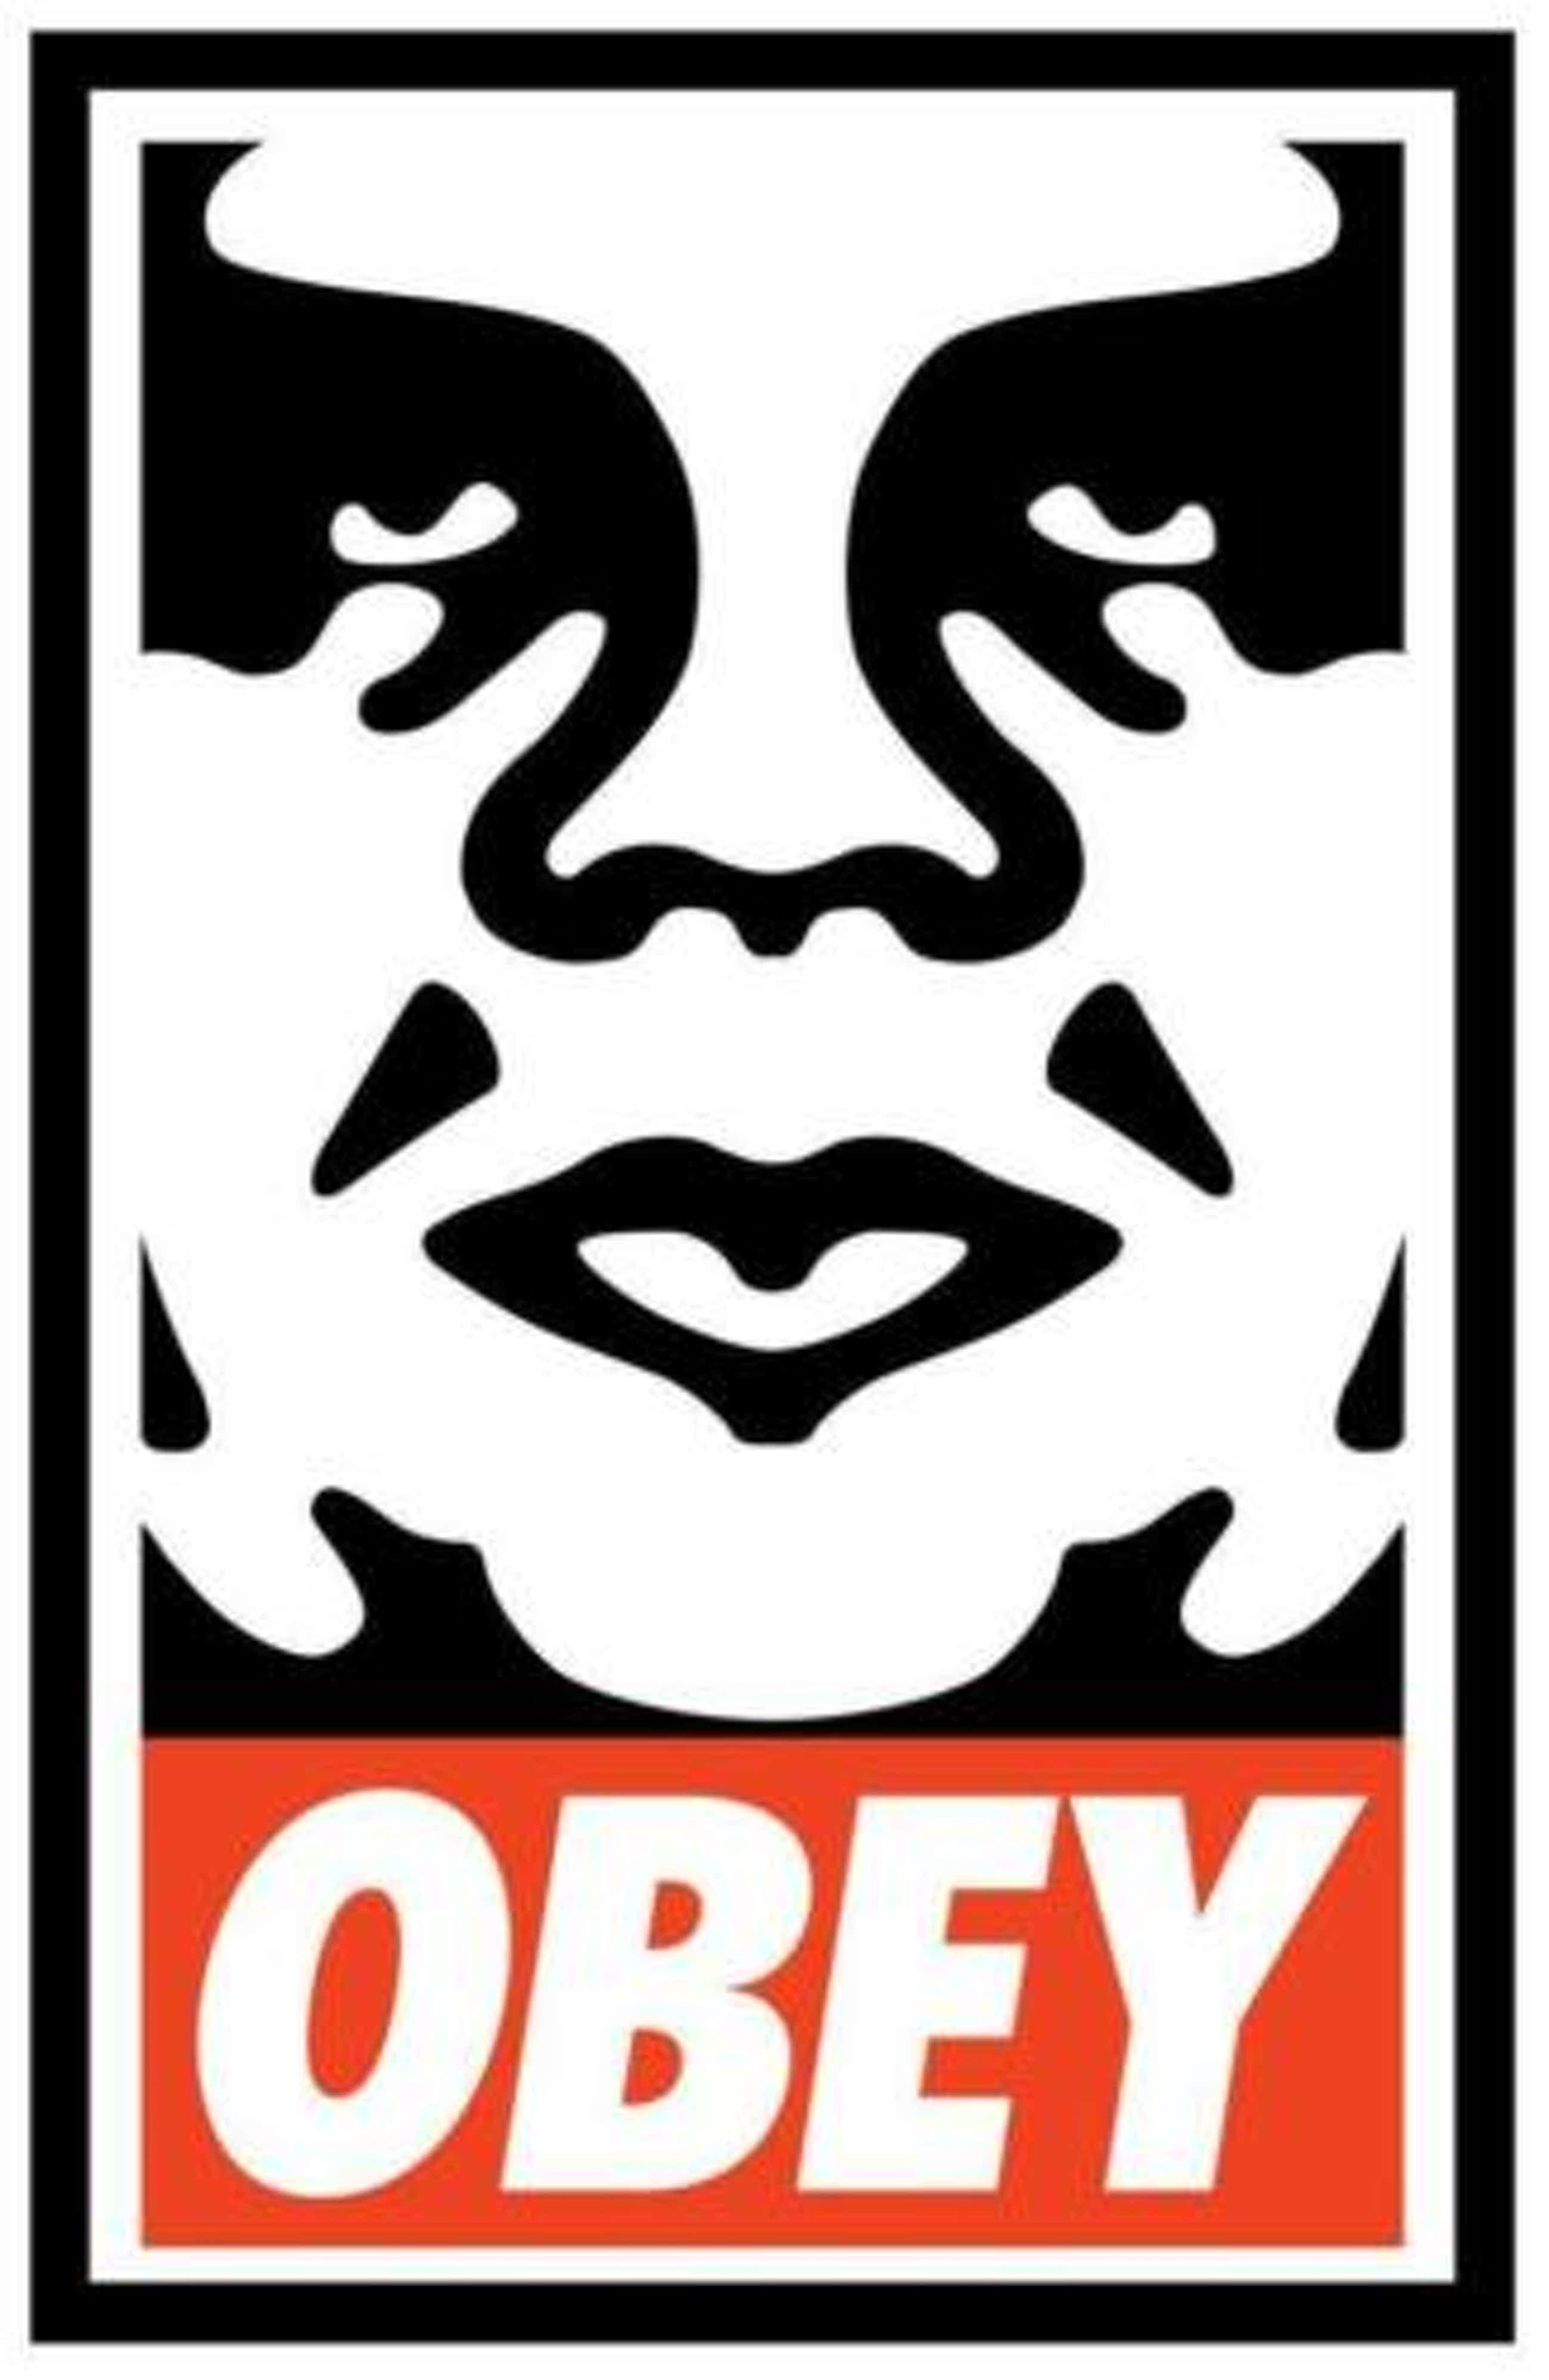 Shepard Fairey - Obey andre the giant kopen? Bied vanaf 50!